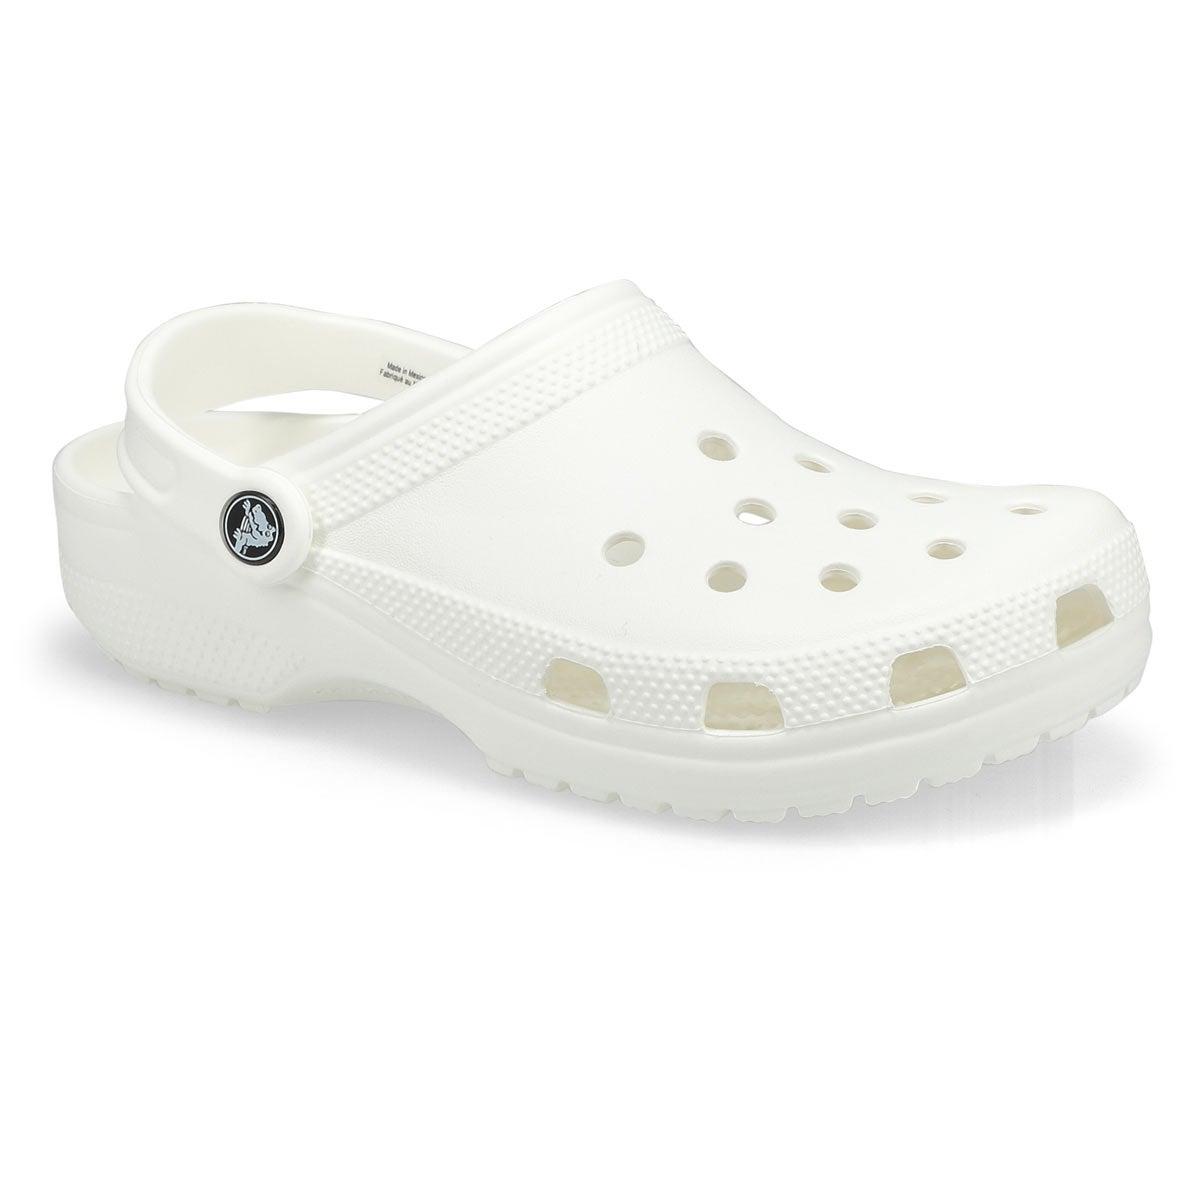 Women's CLASSIC white EVA comfort clogs